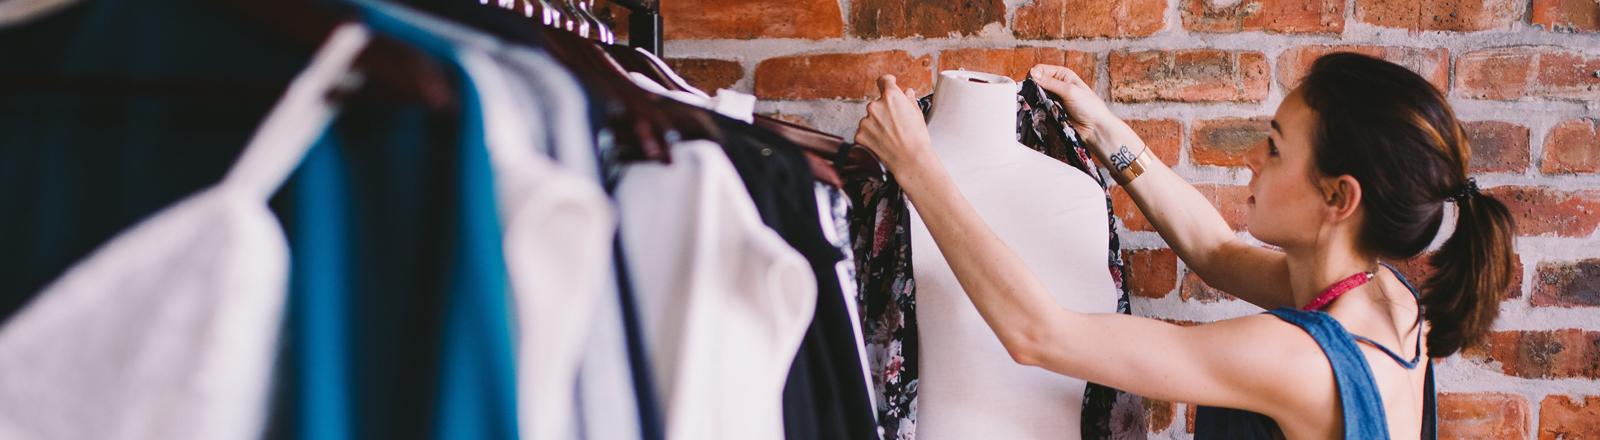 Verkäuferin in einer Mode-Boutique